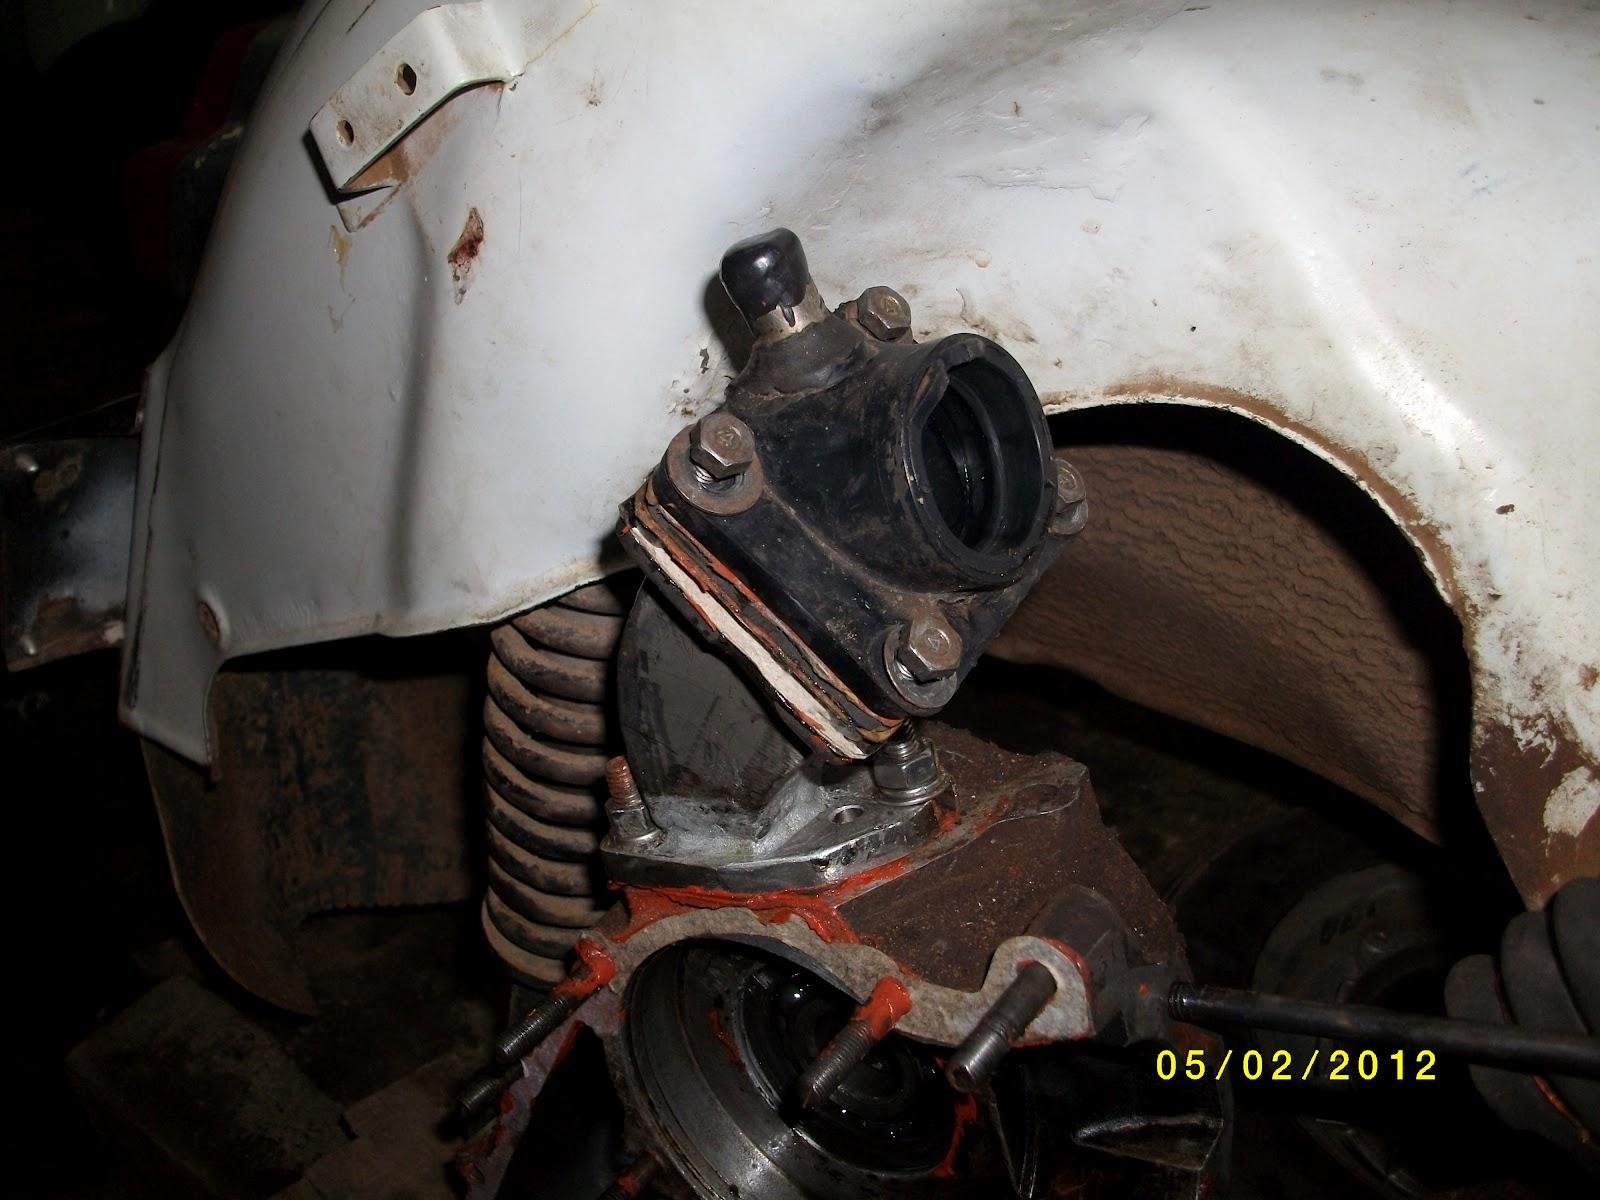 Panjang yang penting bisa untuk memasang karburator di membran